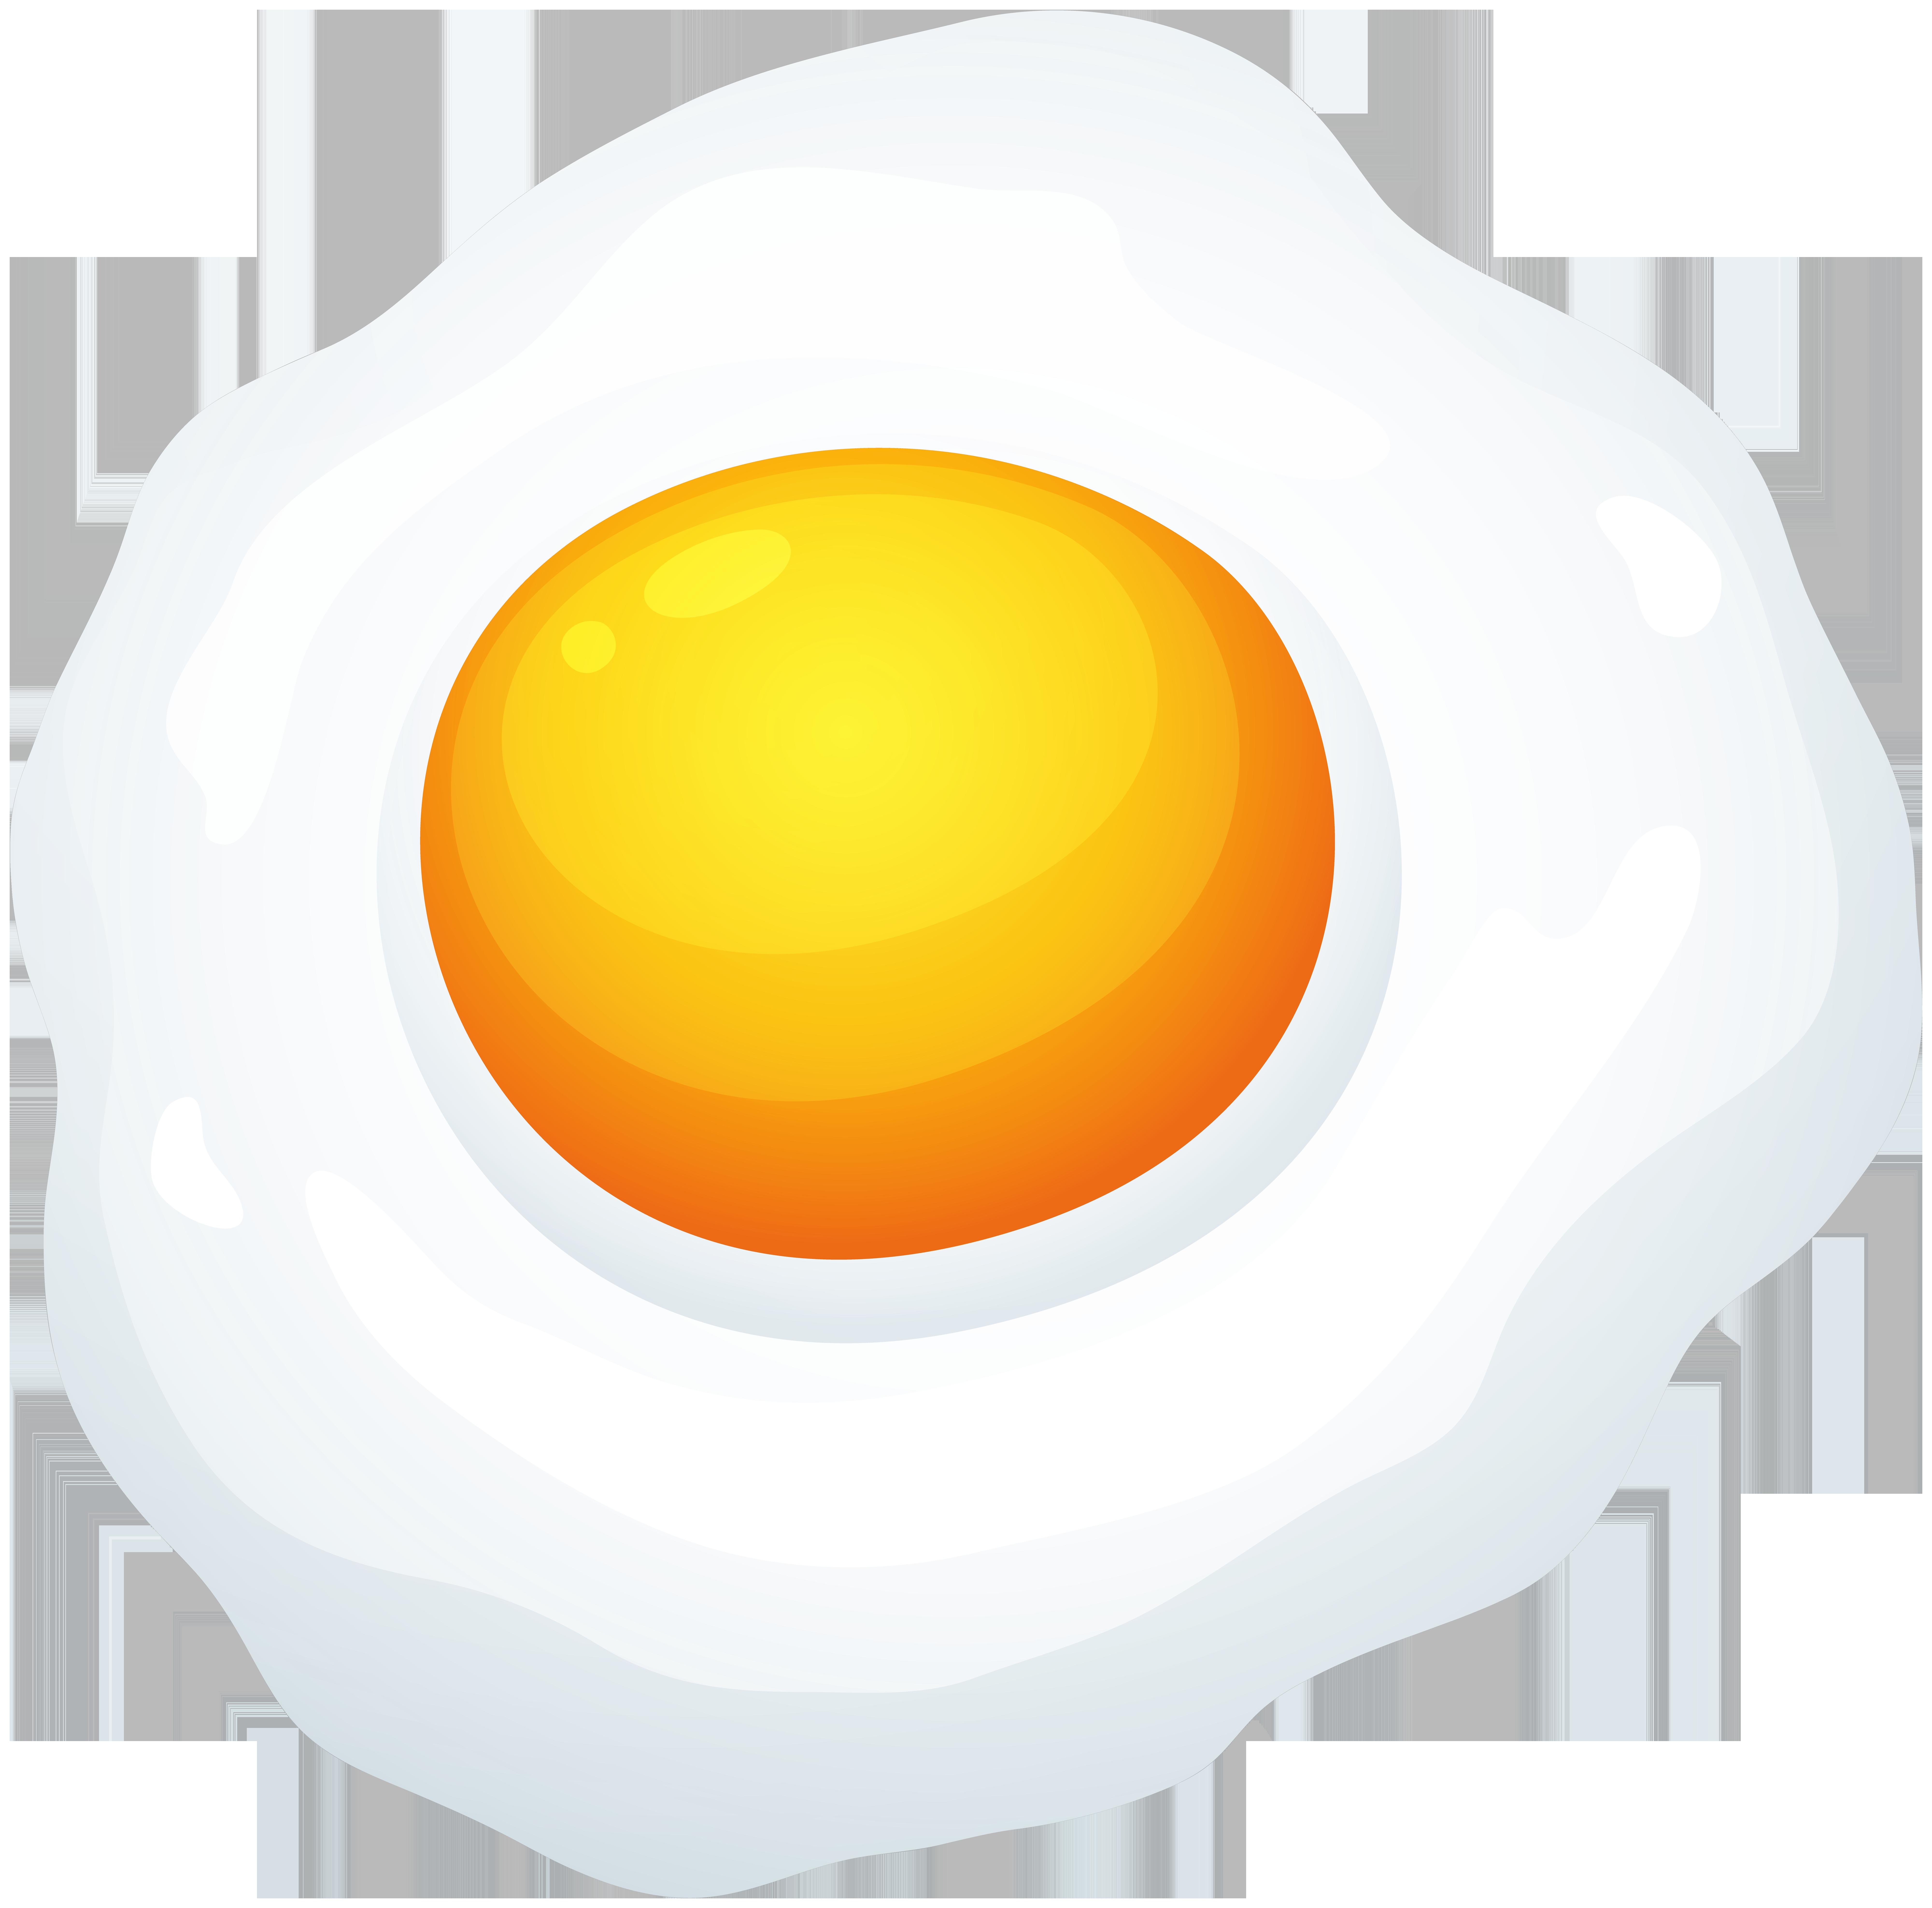 Fried Egg PNG Clip Art Image.